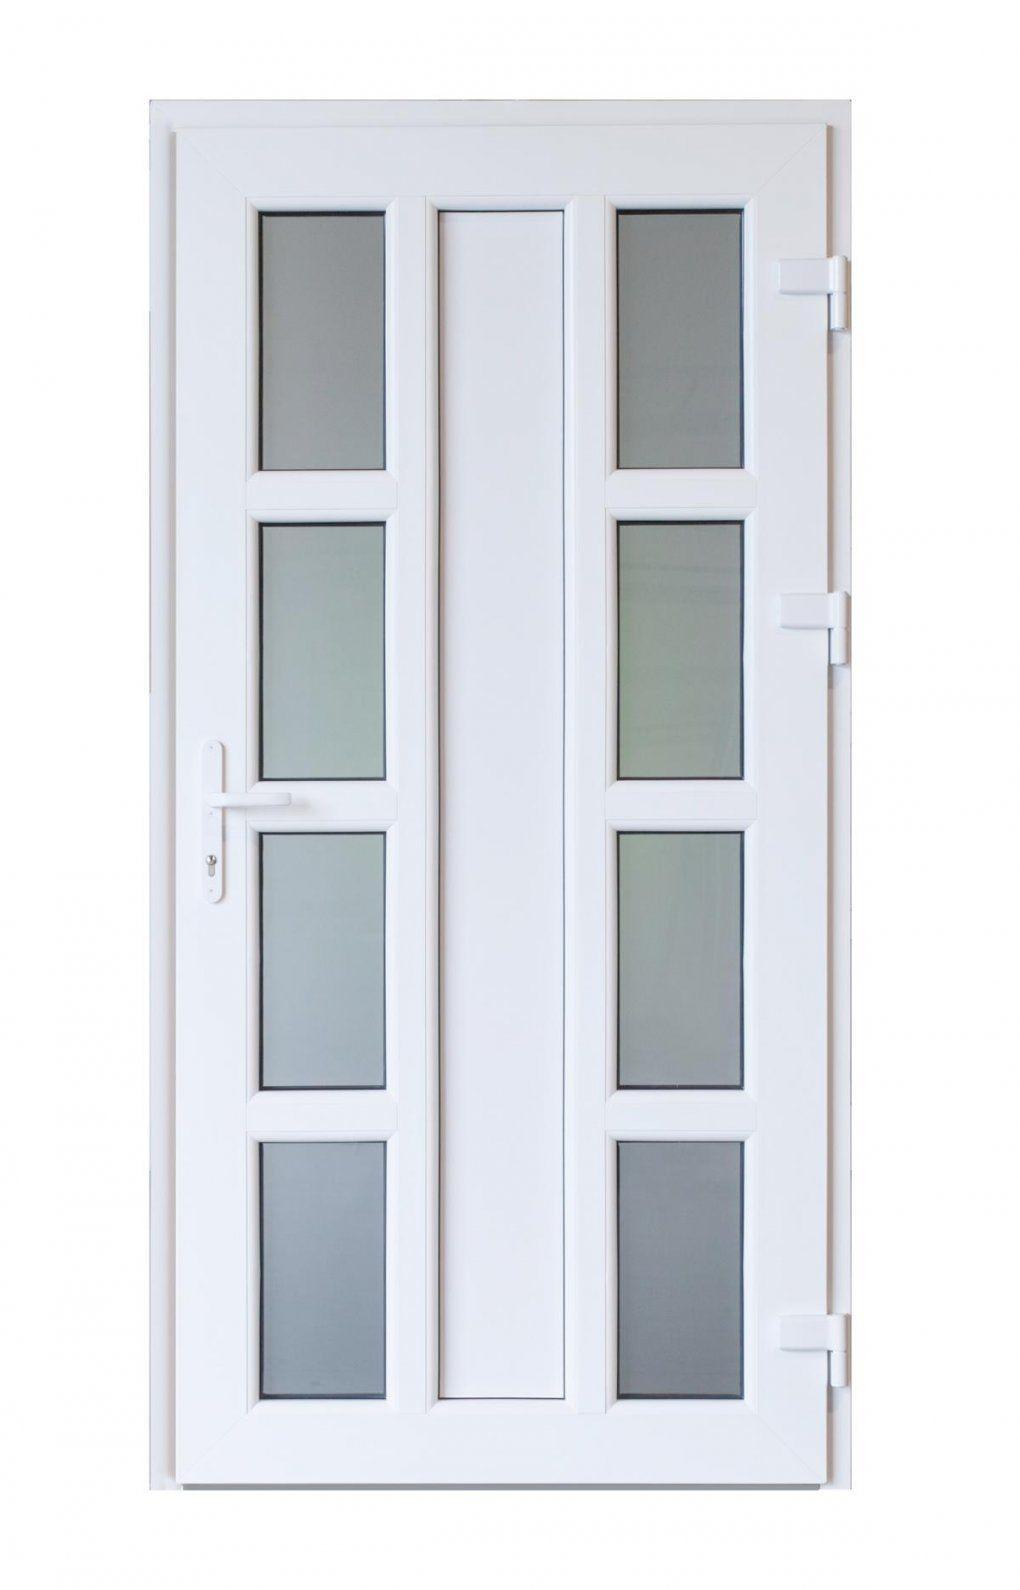 Türen Aus Polen Online Kaufen  Fensterweltengmbh von Haustüren Aus Polen Kaufen Bild